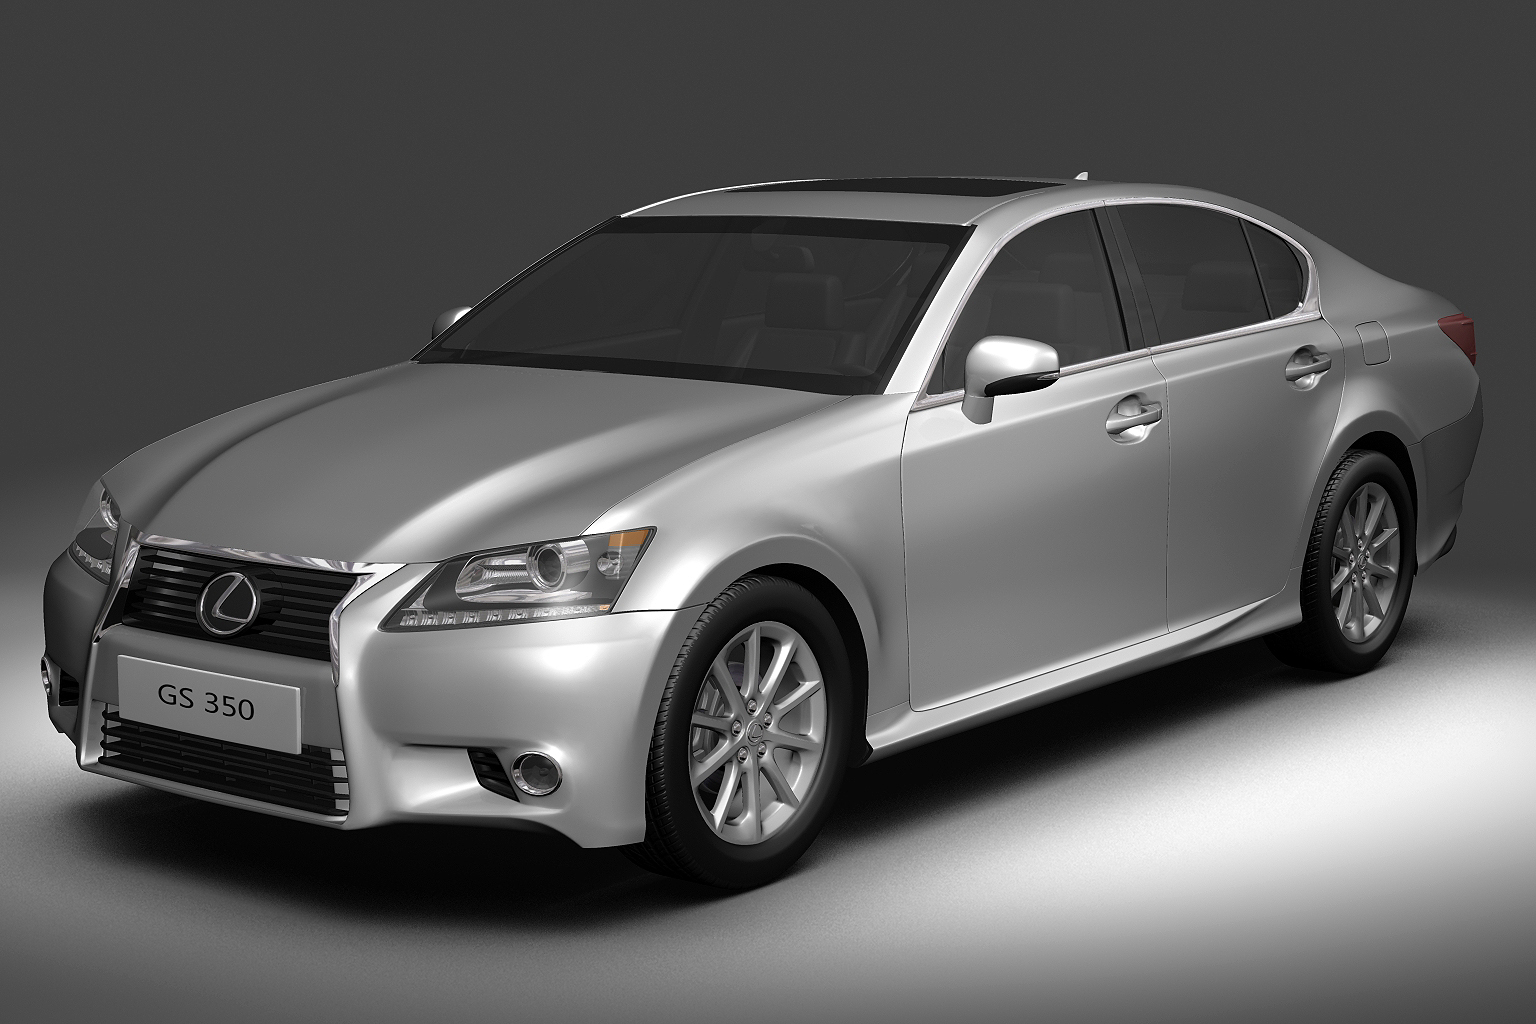 2013 lexus gs350 3d model 3ds max fbx c4d lwo hrc xsi obj 136258